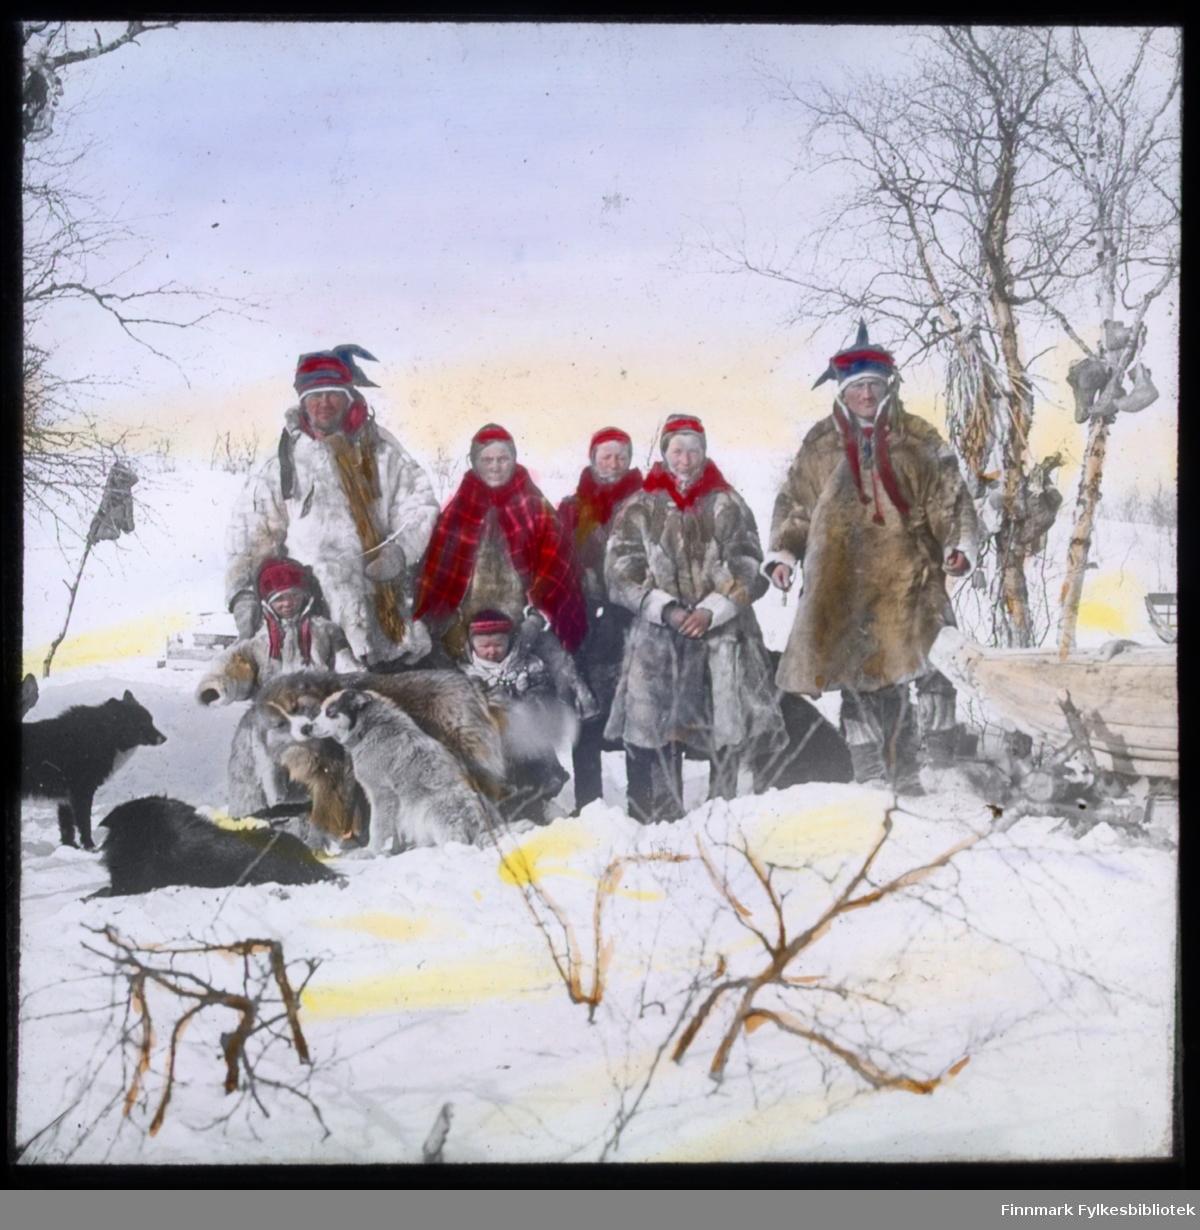 N.546 a) Kautokeino-samer står det på glassnegativet. En hel familie står oppstilt for fotografen. To menn og tre kvinner i vinterpesk, med samiske sjal og luer. Flere små barn er med på bildet og en flokk hunder sitter og ligger rundt familien. I treet til høyre ser man skaller (samiske sko) som henger i trærne. En slede er også plassert i høyre billedkant. Glassnegativet er håndkolorert.